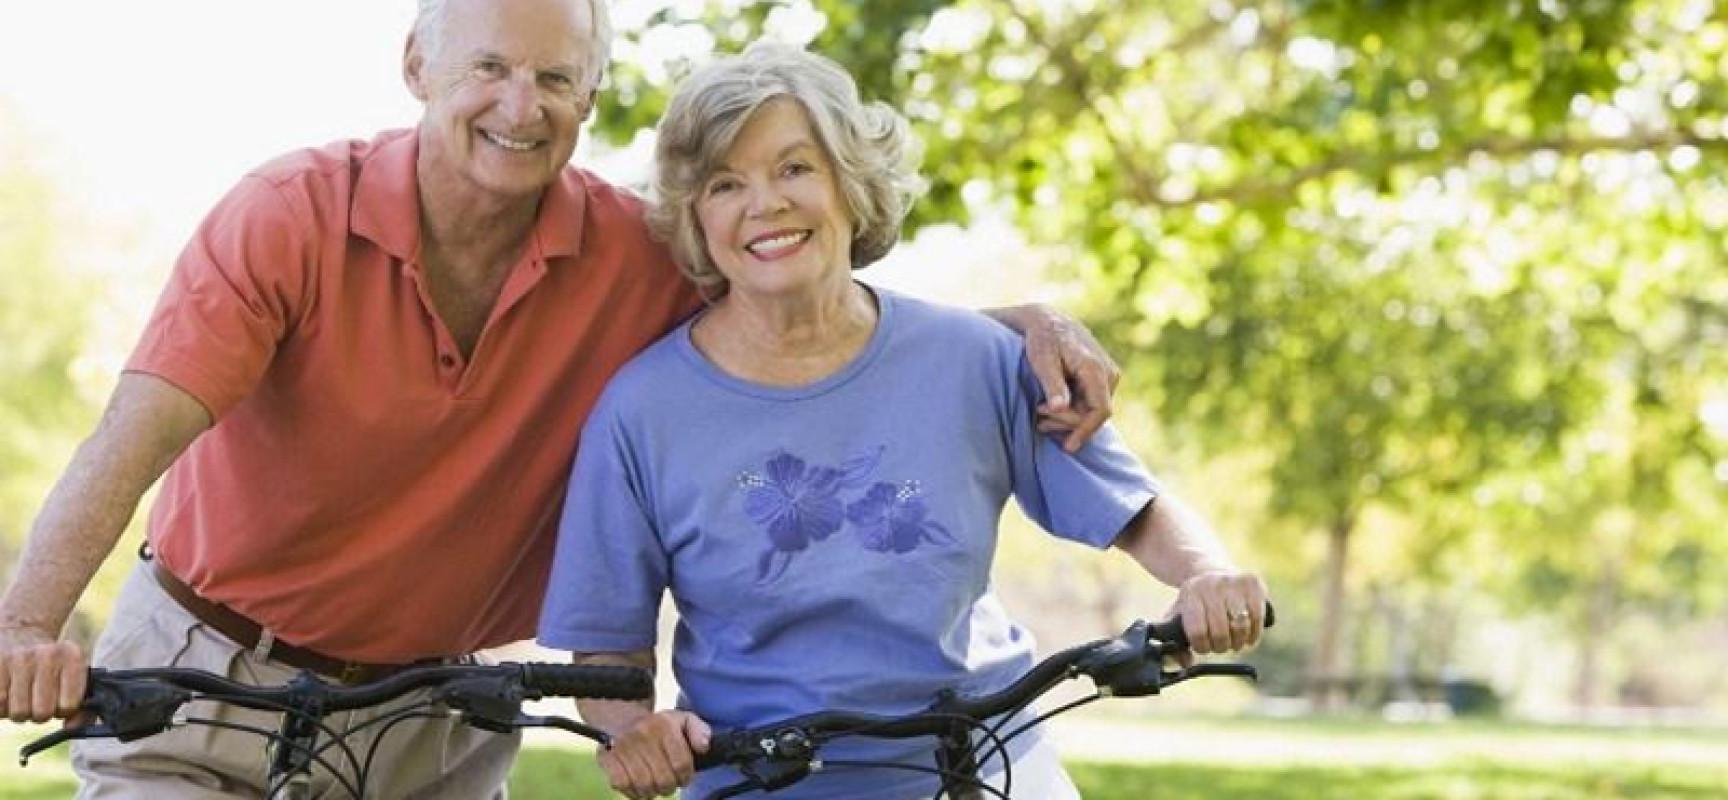 Старение костно-мышечной системы